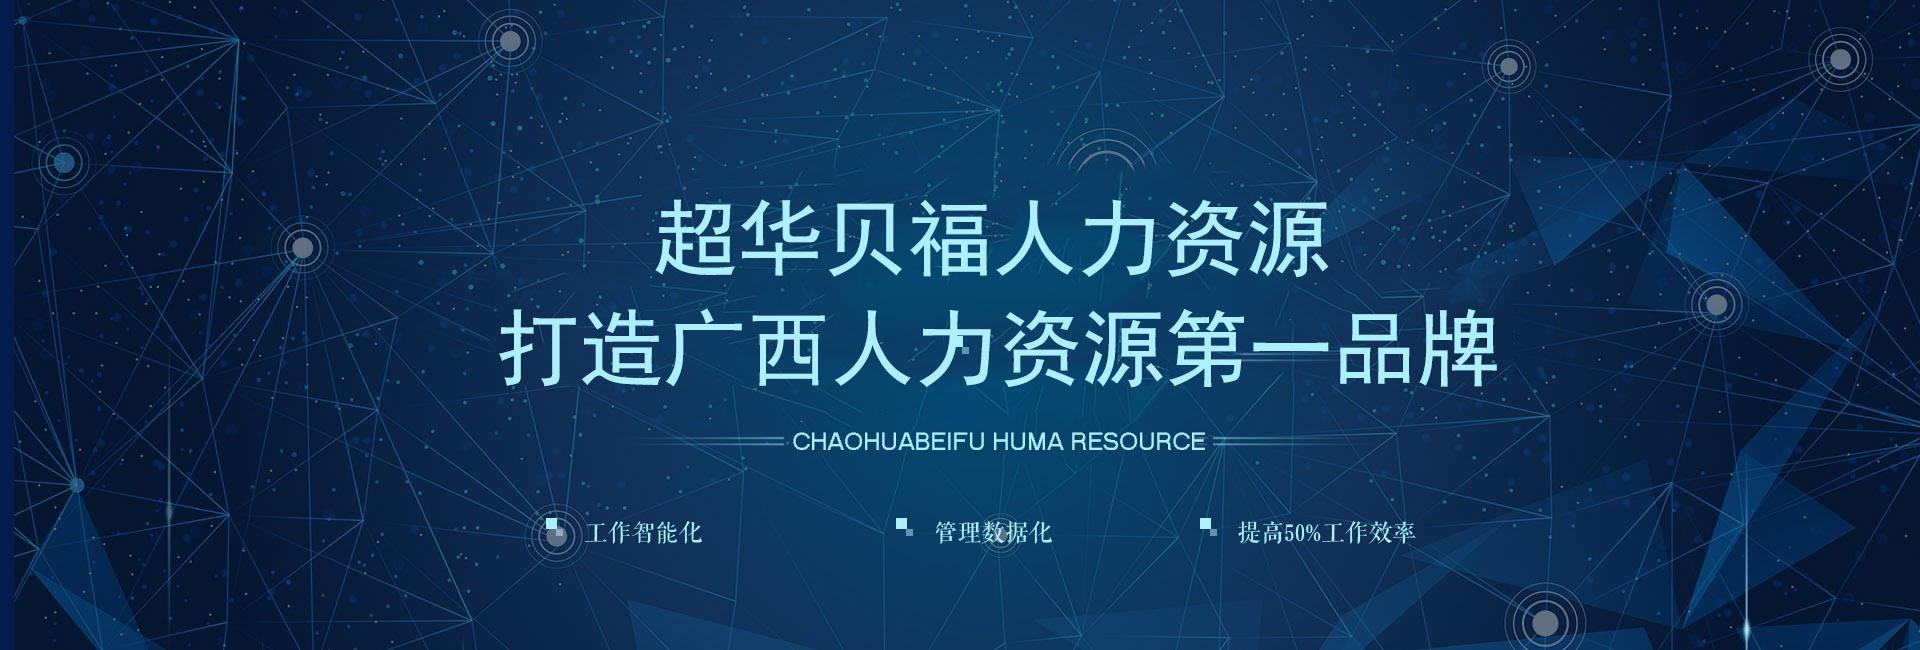 广西超华贝福人力资源有限公司